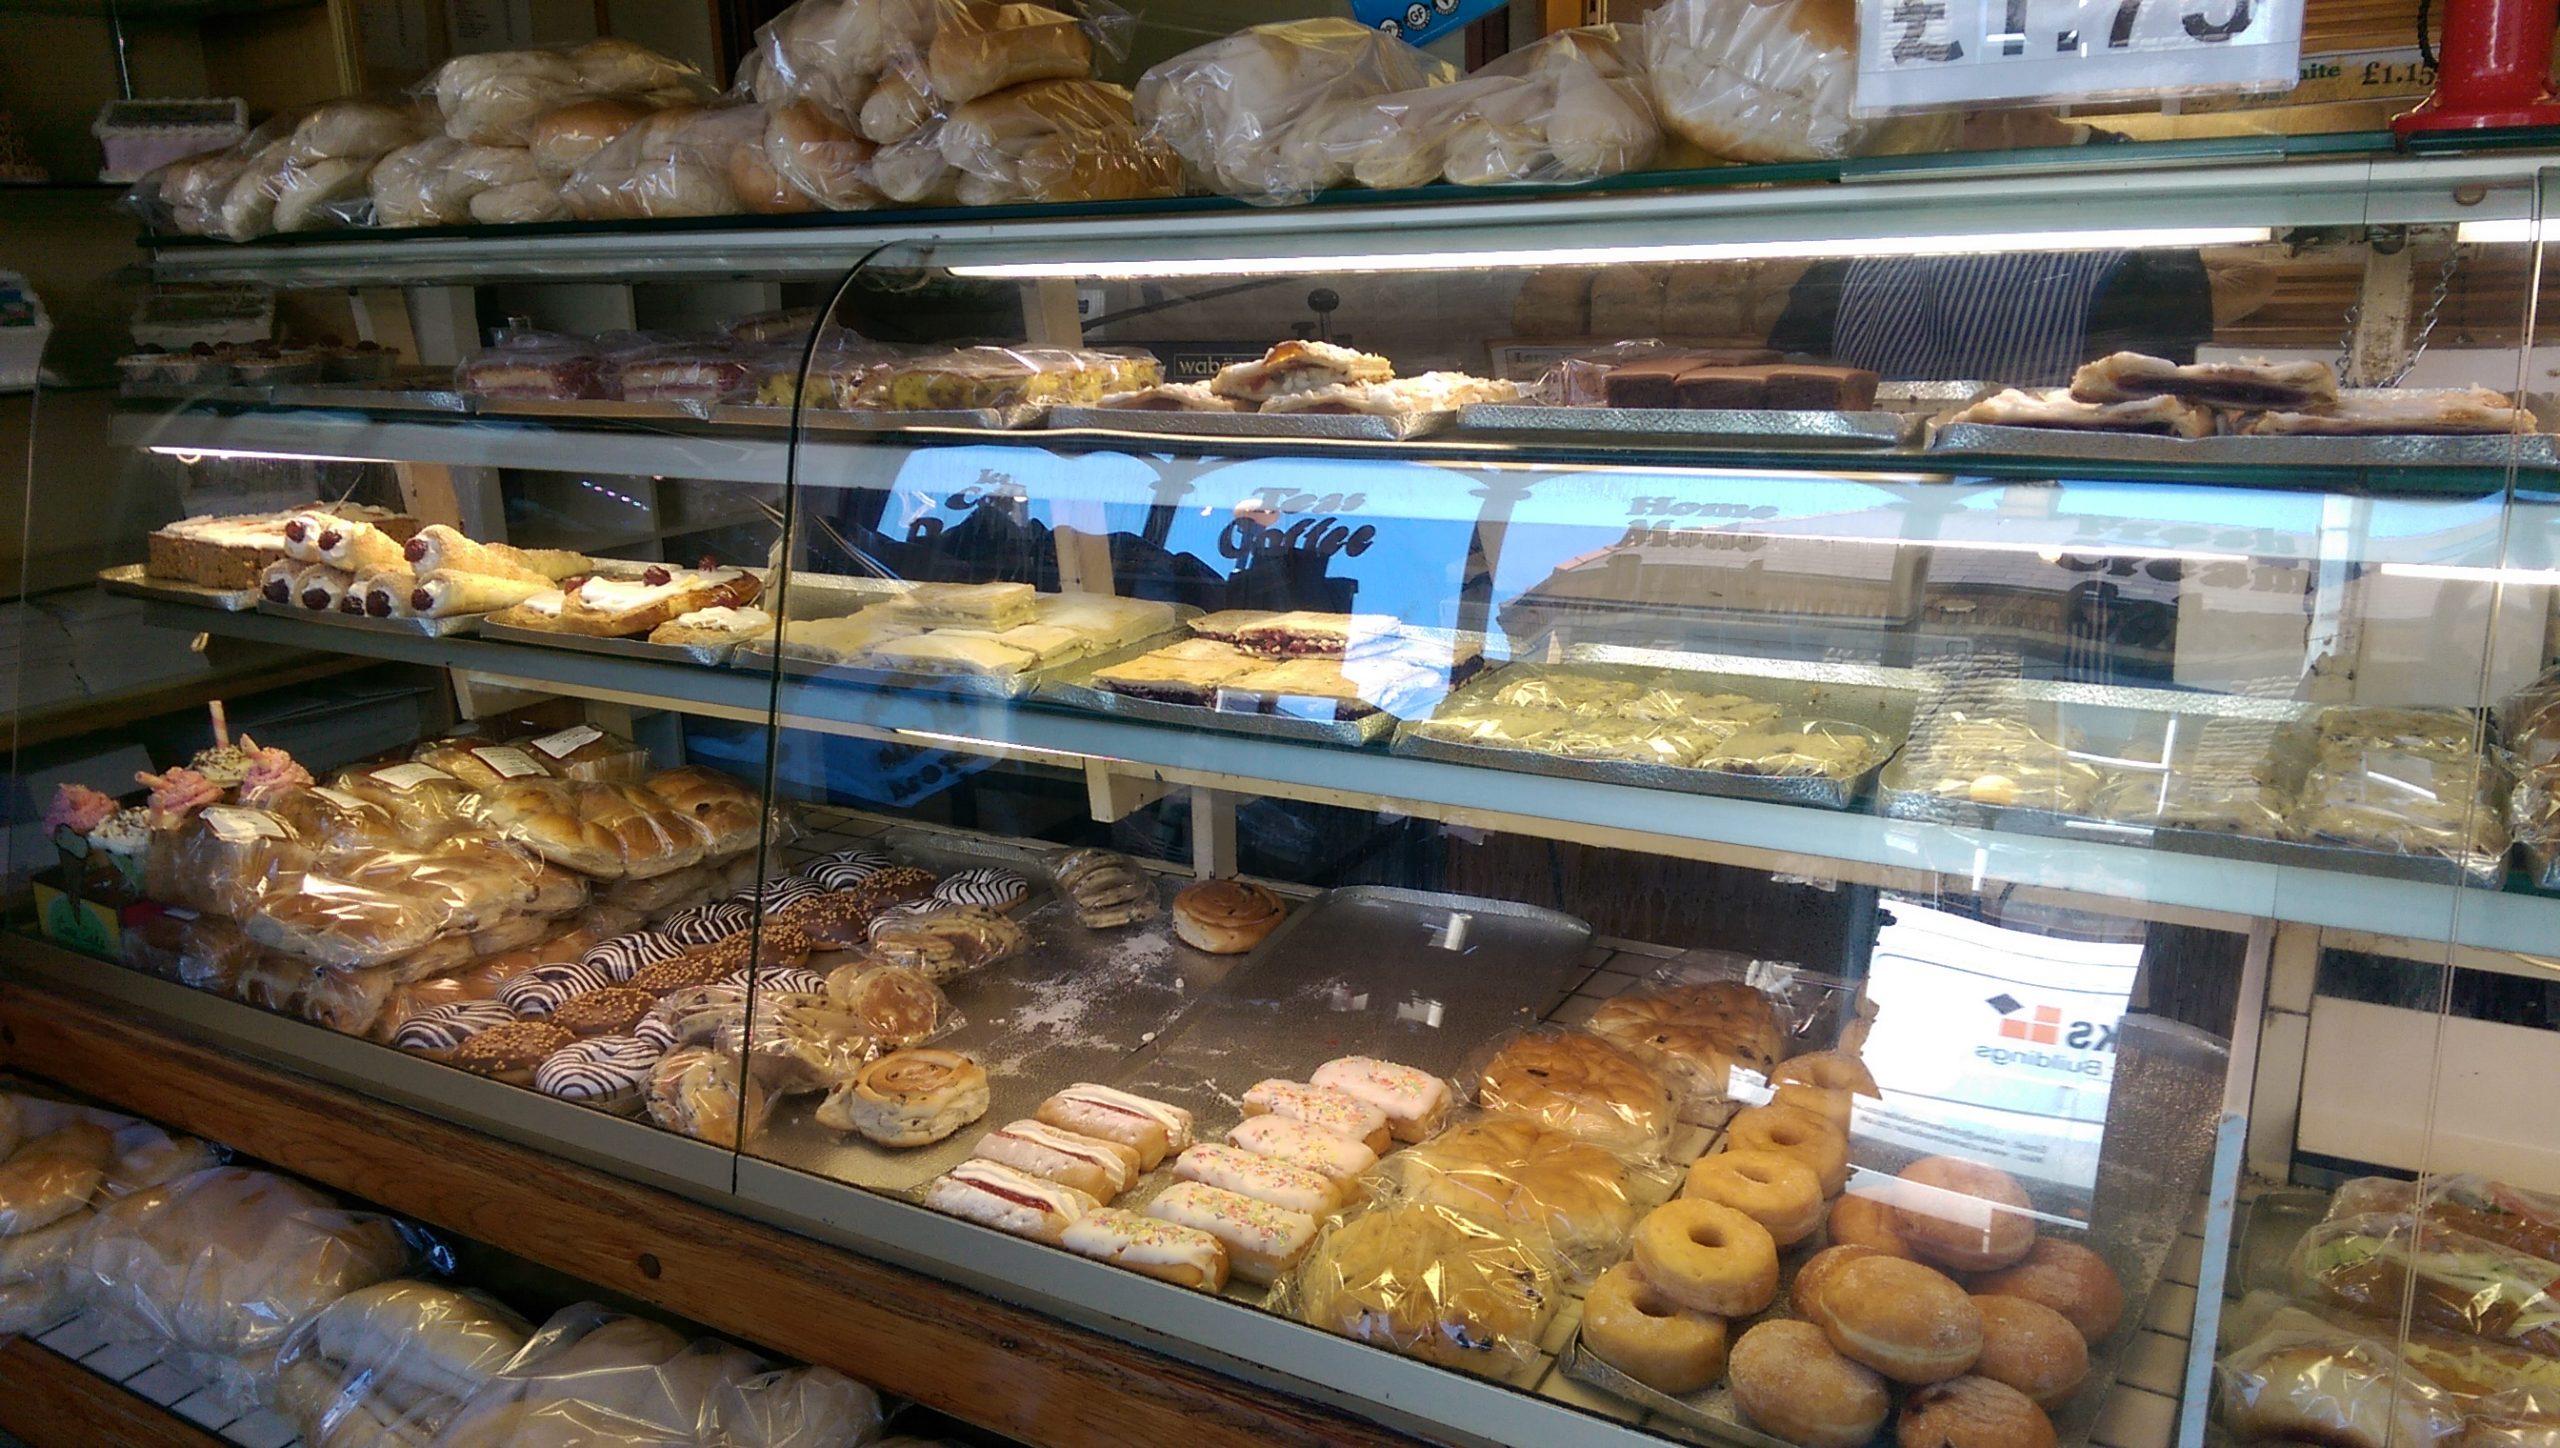 Yummy stuff at Carlisle Bakery